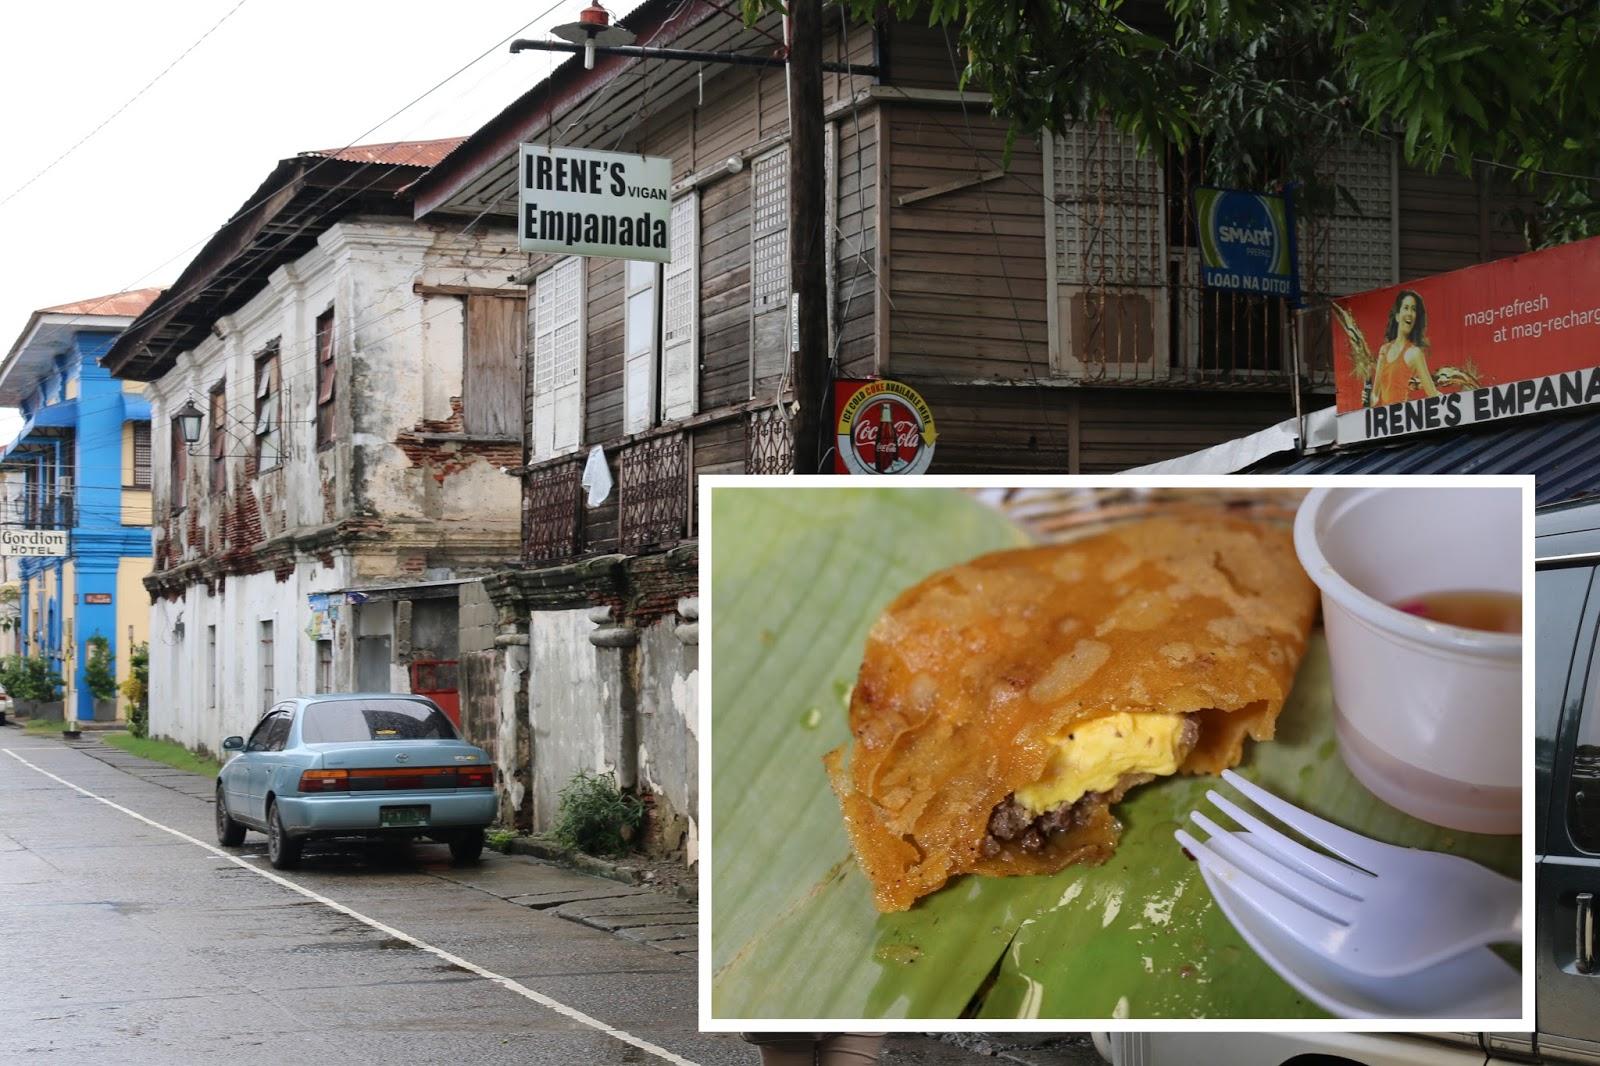 travel Vigan Ilocos Tour Sur Philippines tour tourism Syquia Mansion Elpidio Quirino empanada irenes